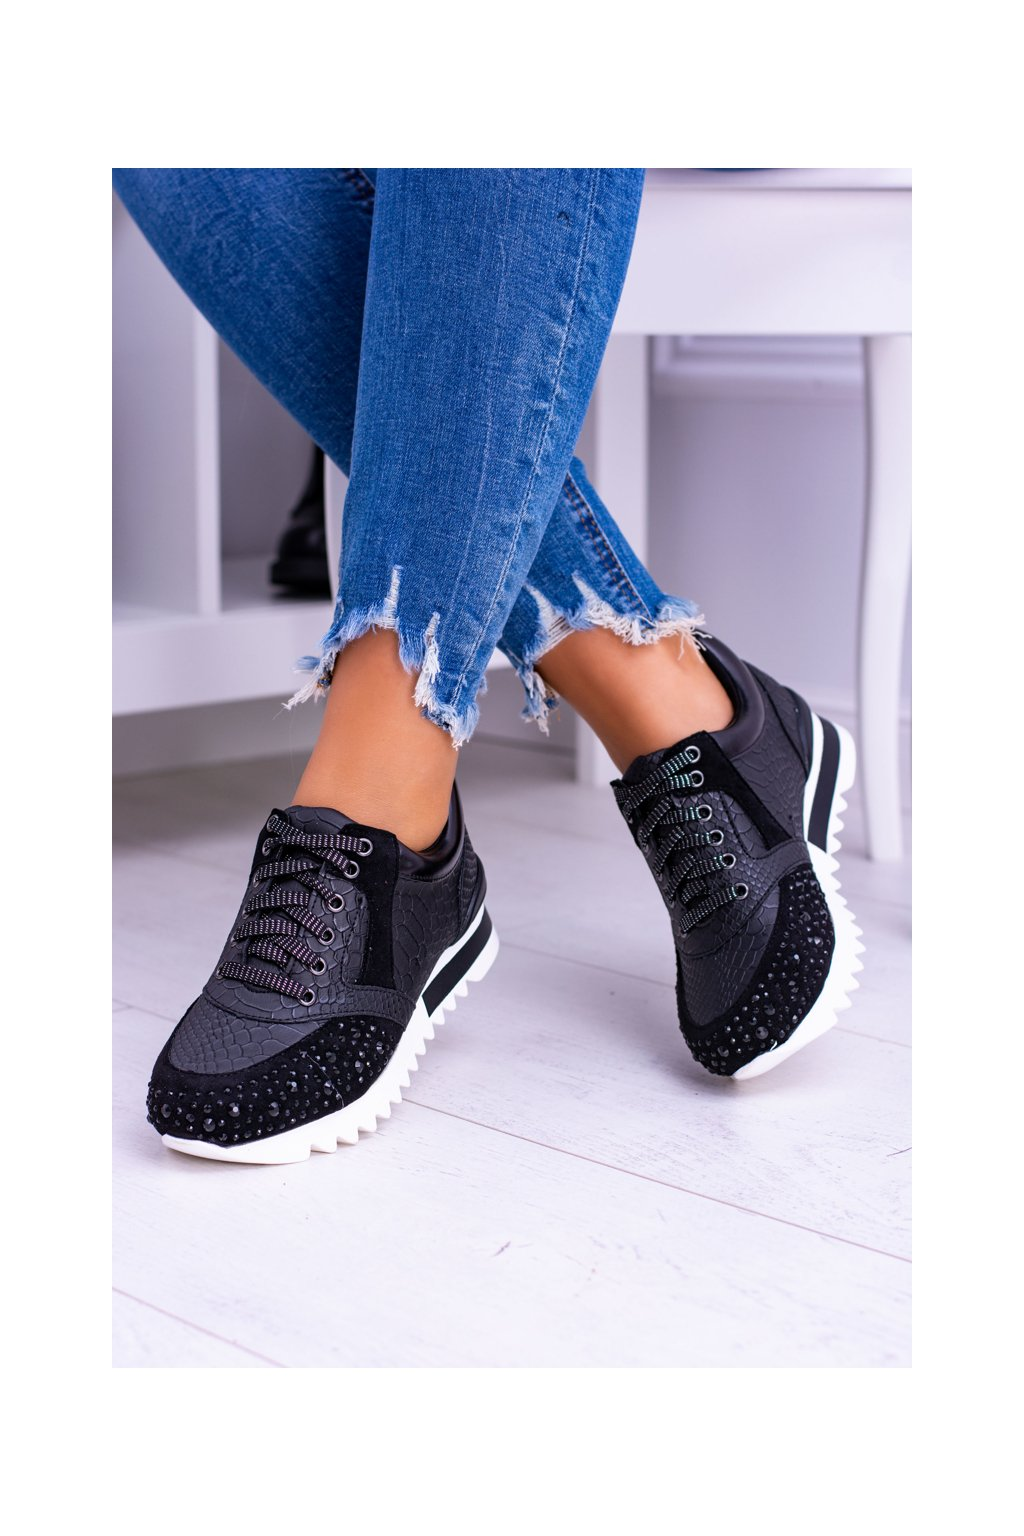 Čierne dámske športové topánky s kubickým zirkónom Lu Boo Infinitiale